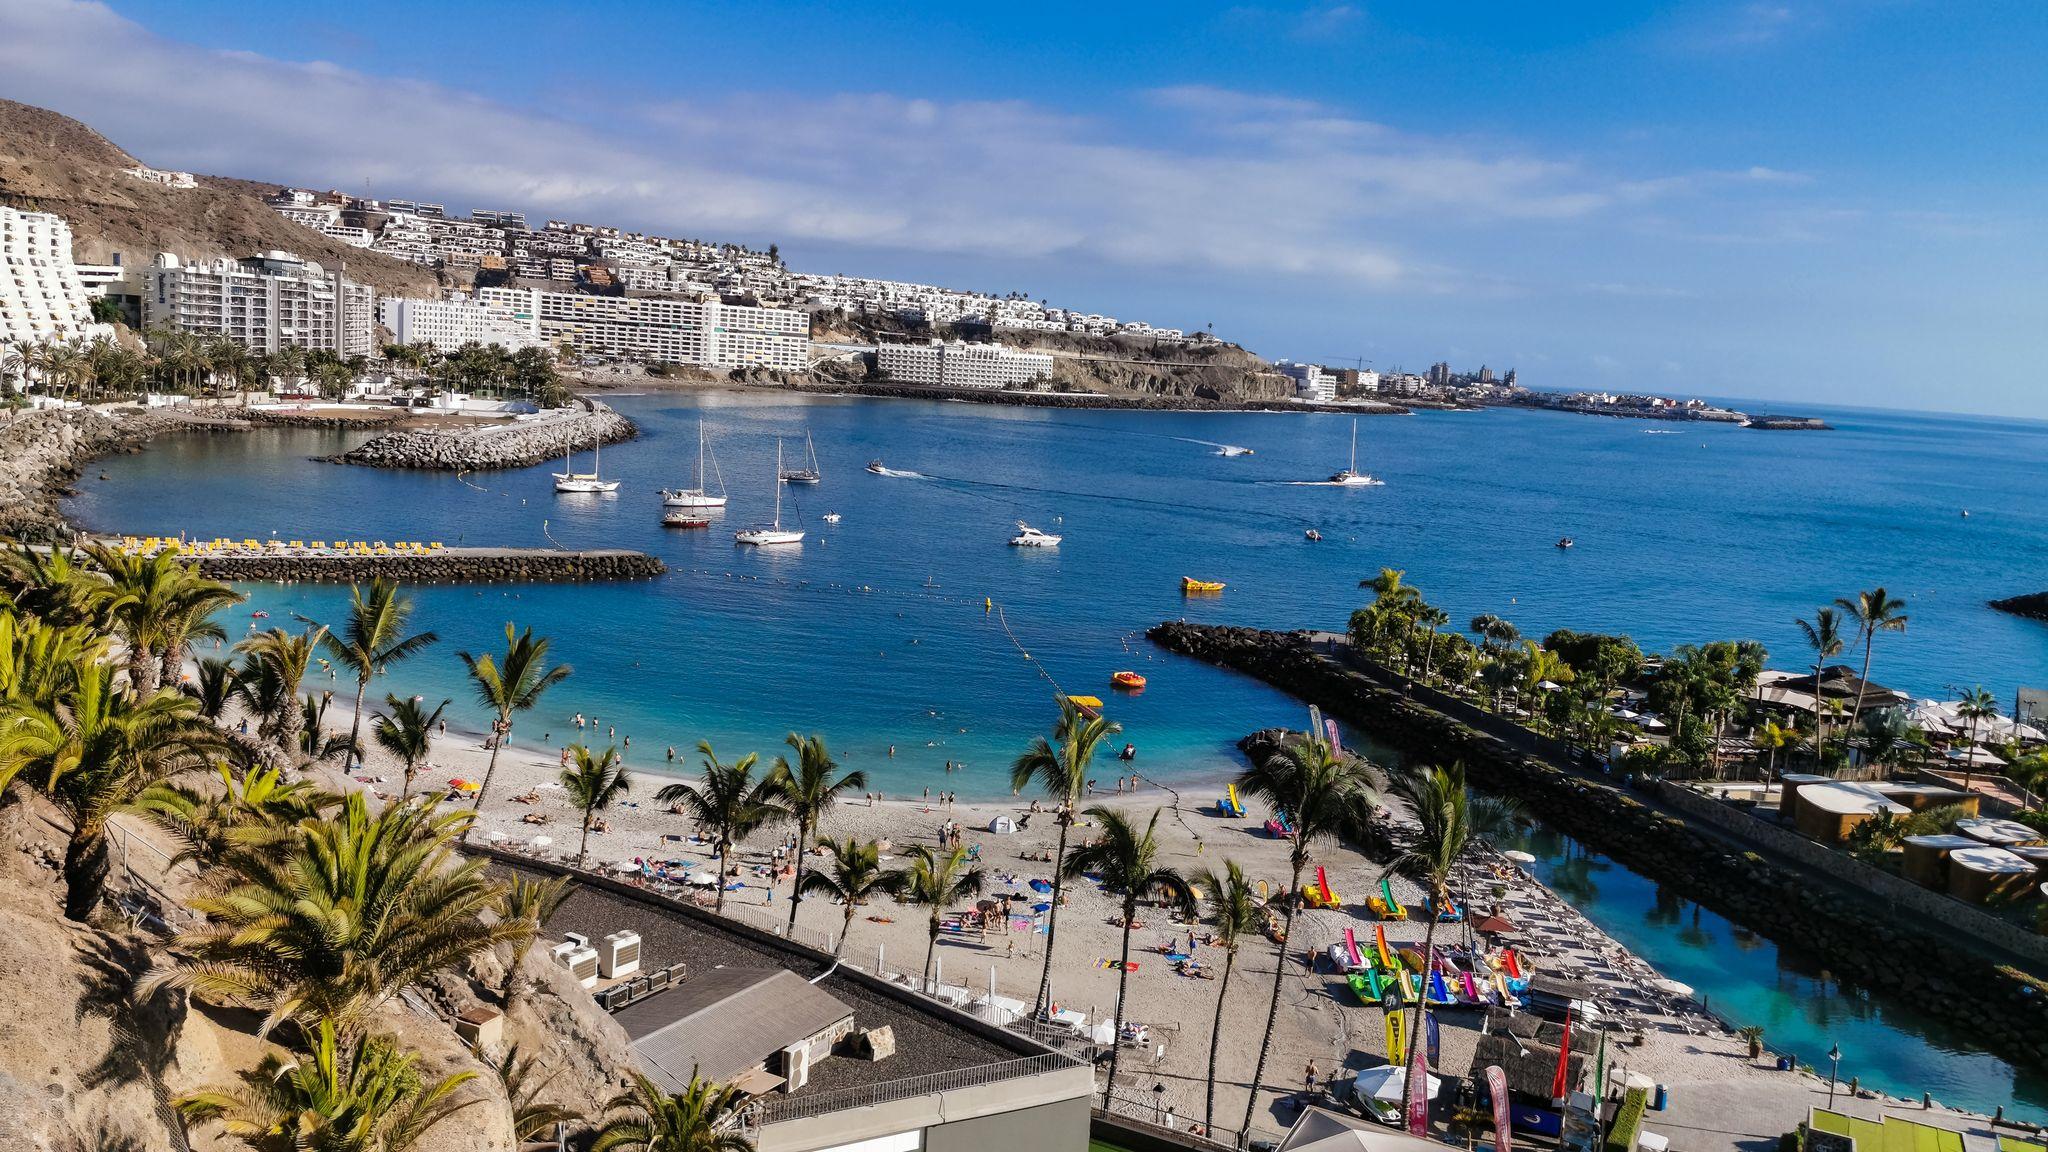 Gran Canaria - Anfi del Mar